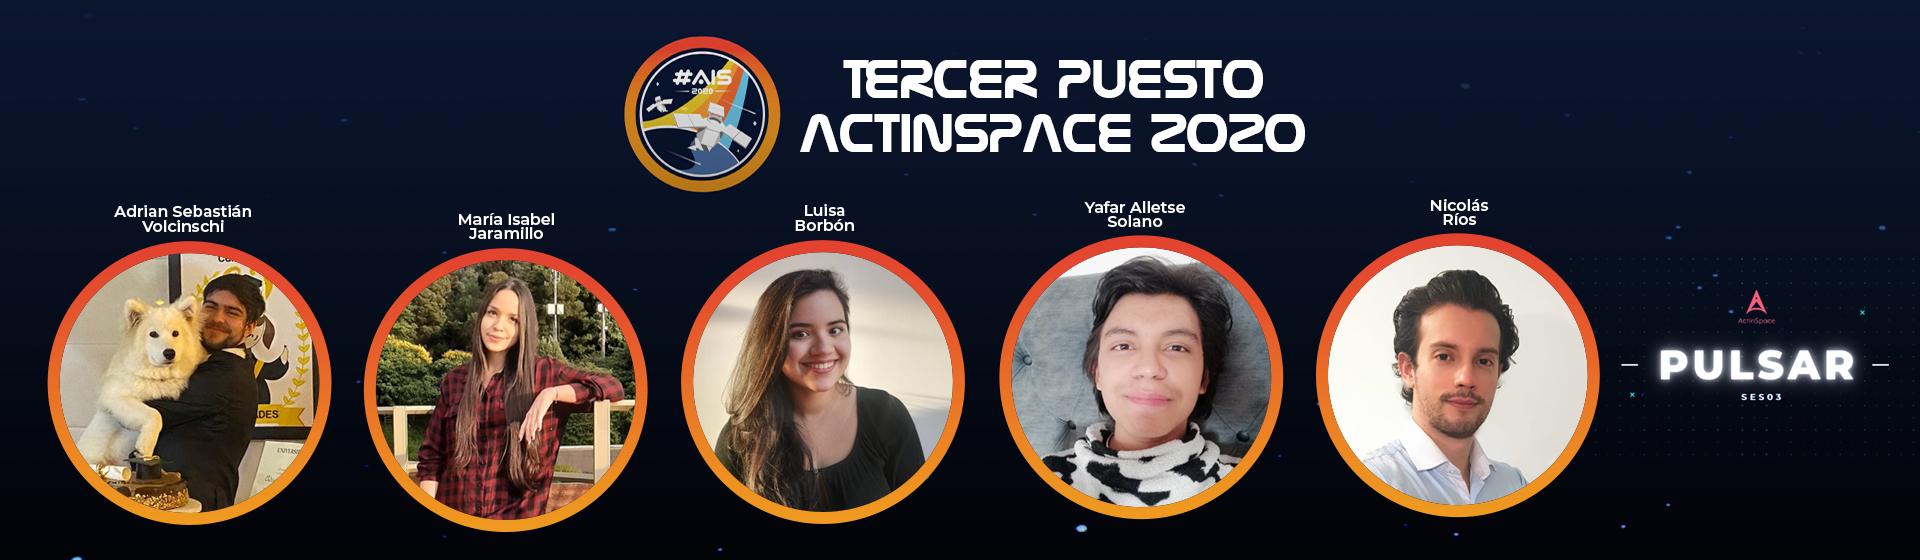 Estudiantes de Ingeniería obtienen el tercer puesto en la competencia ActInSpace